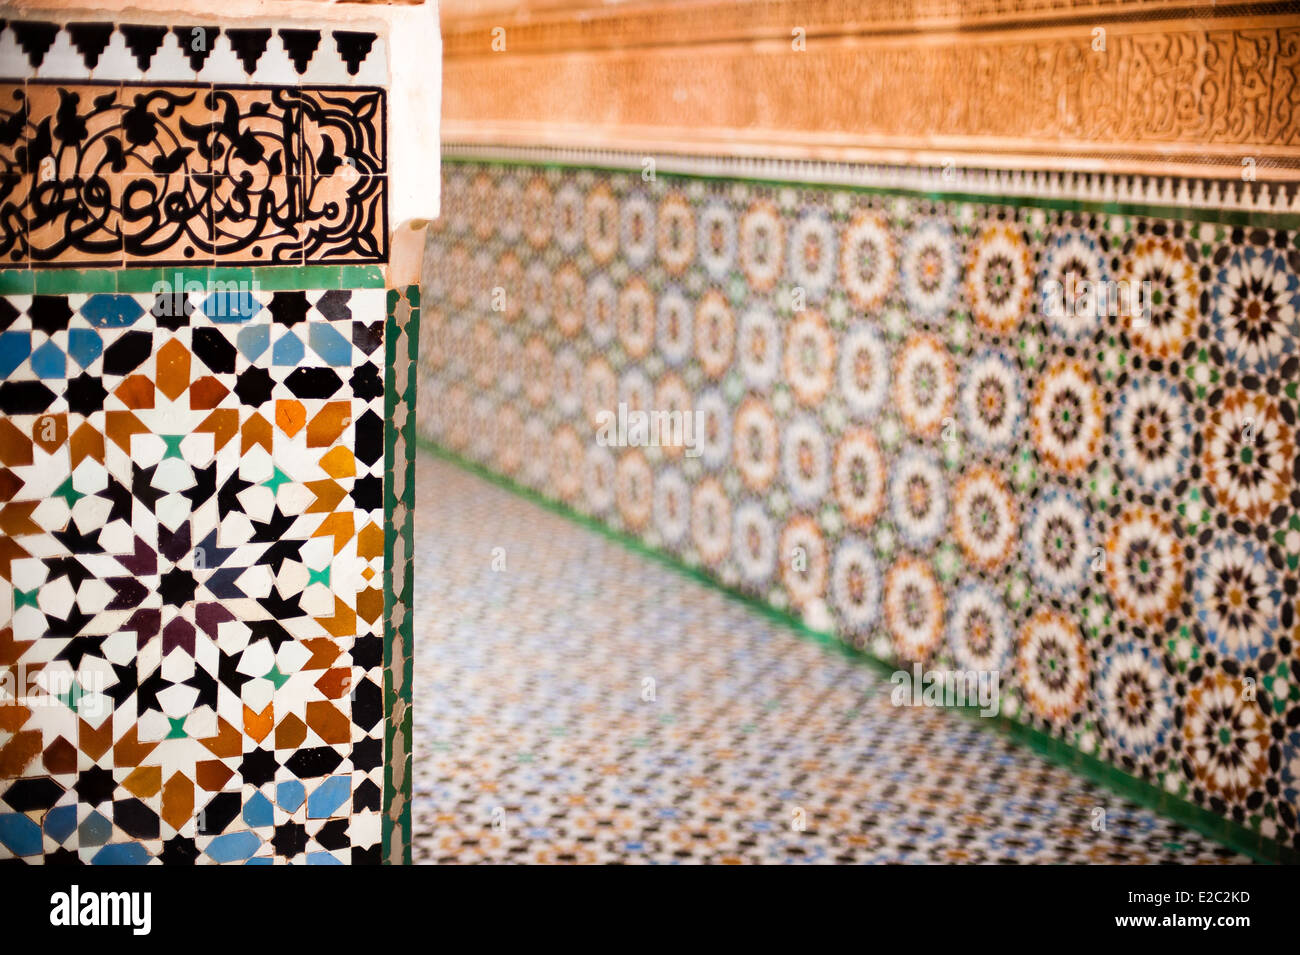 Souq arabo medina marrakech marocco piastrelle fatti a mano